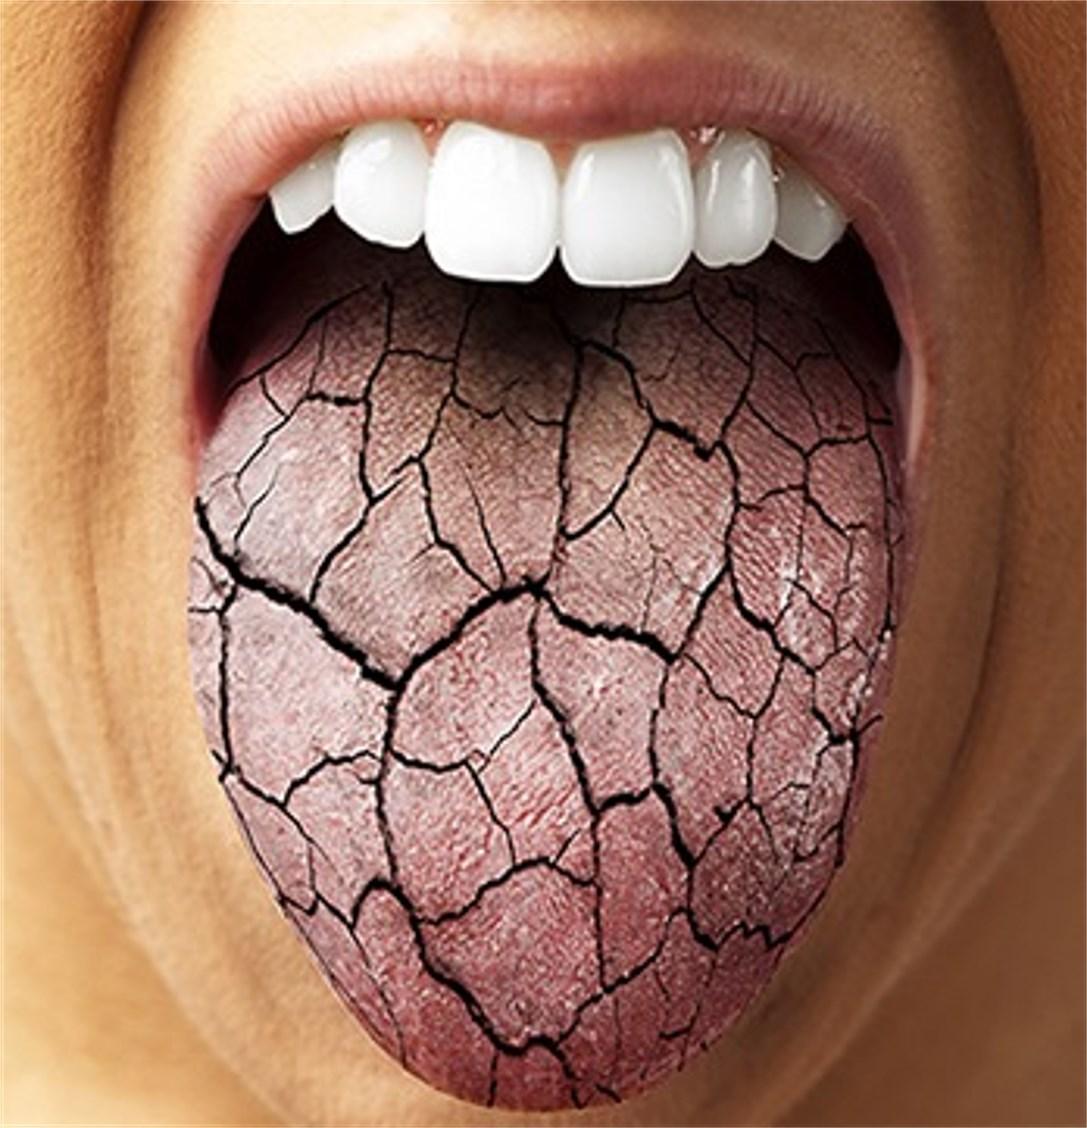 Dry Mouth dentist in walla walla oral care cavity dr. patty martin